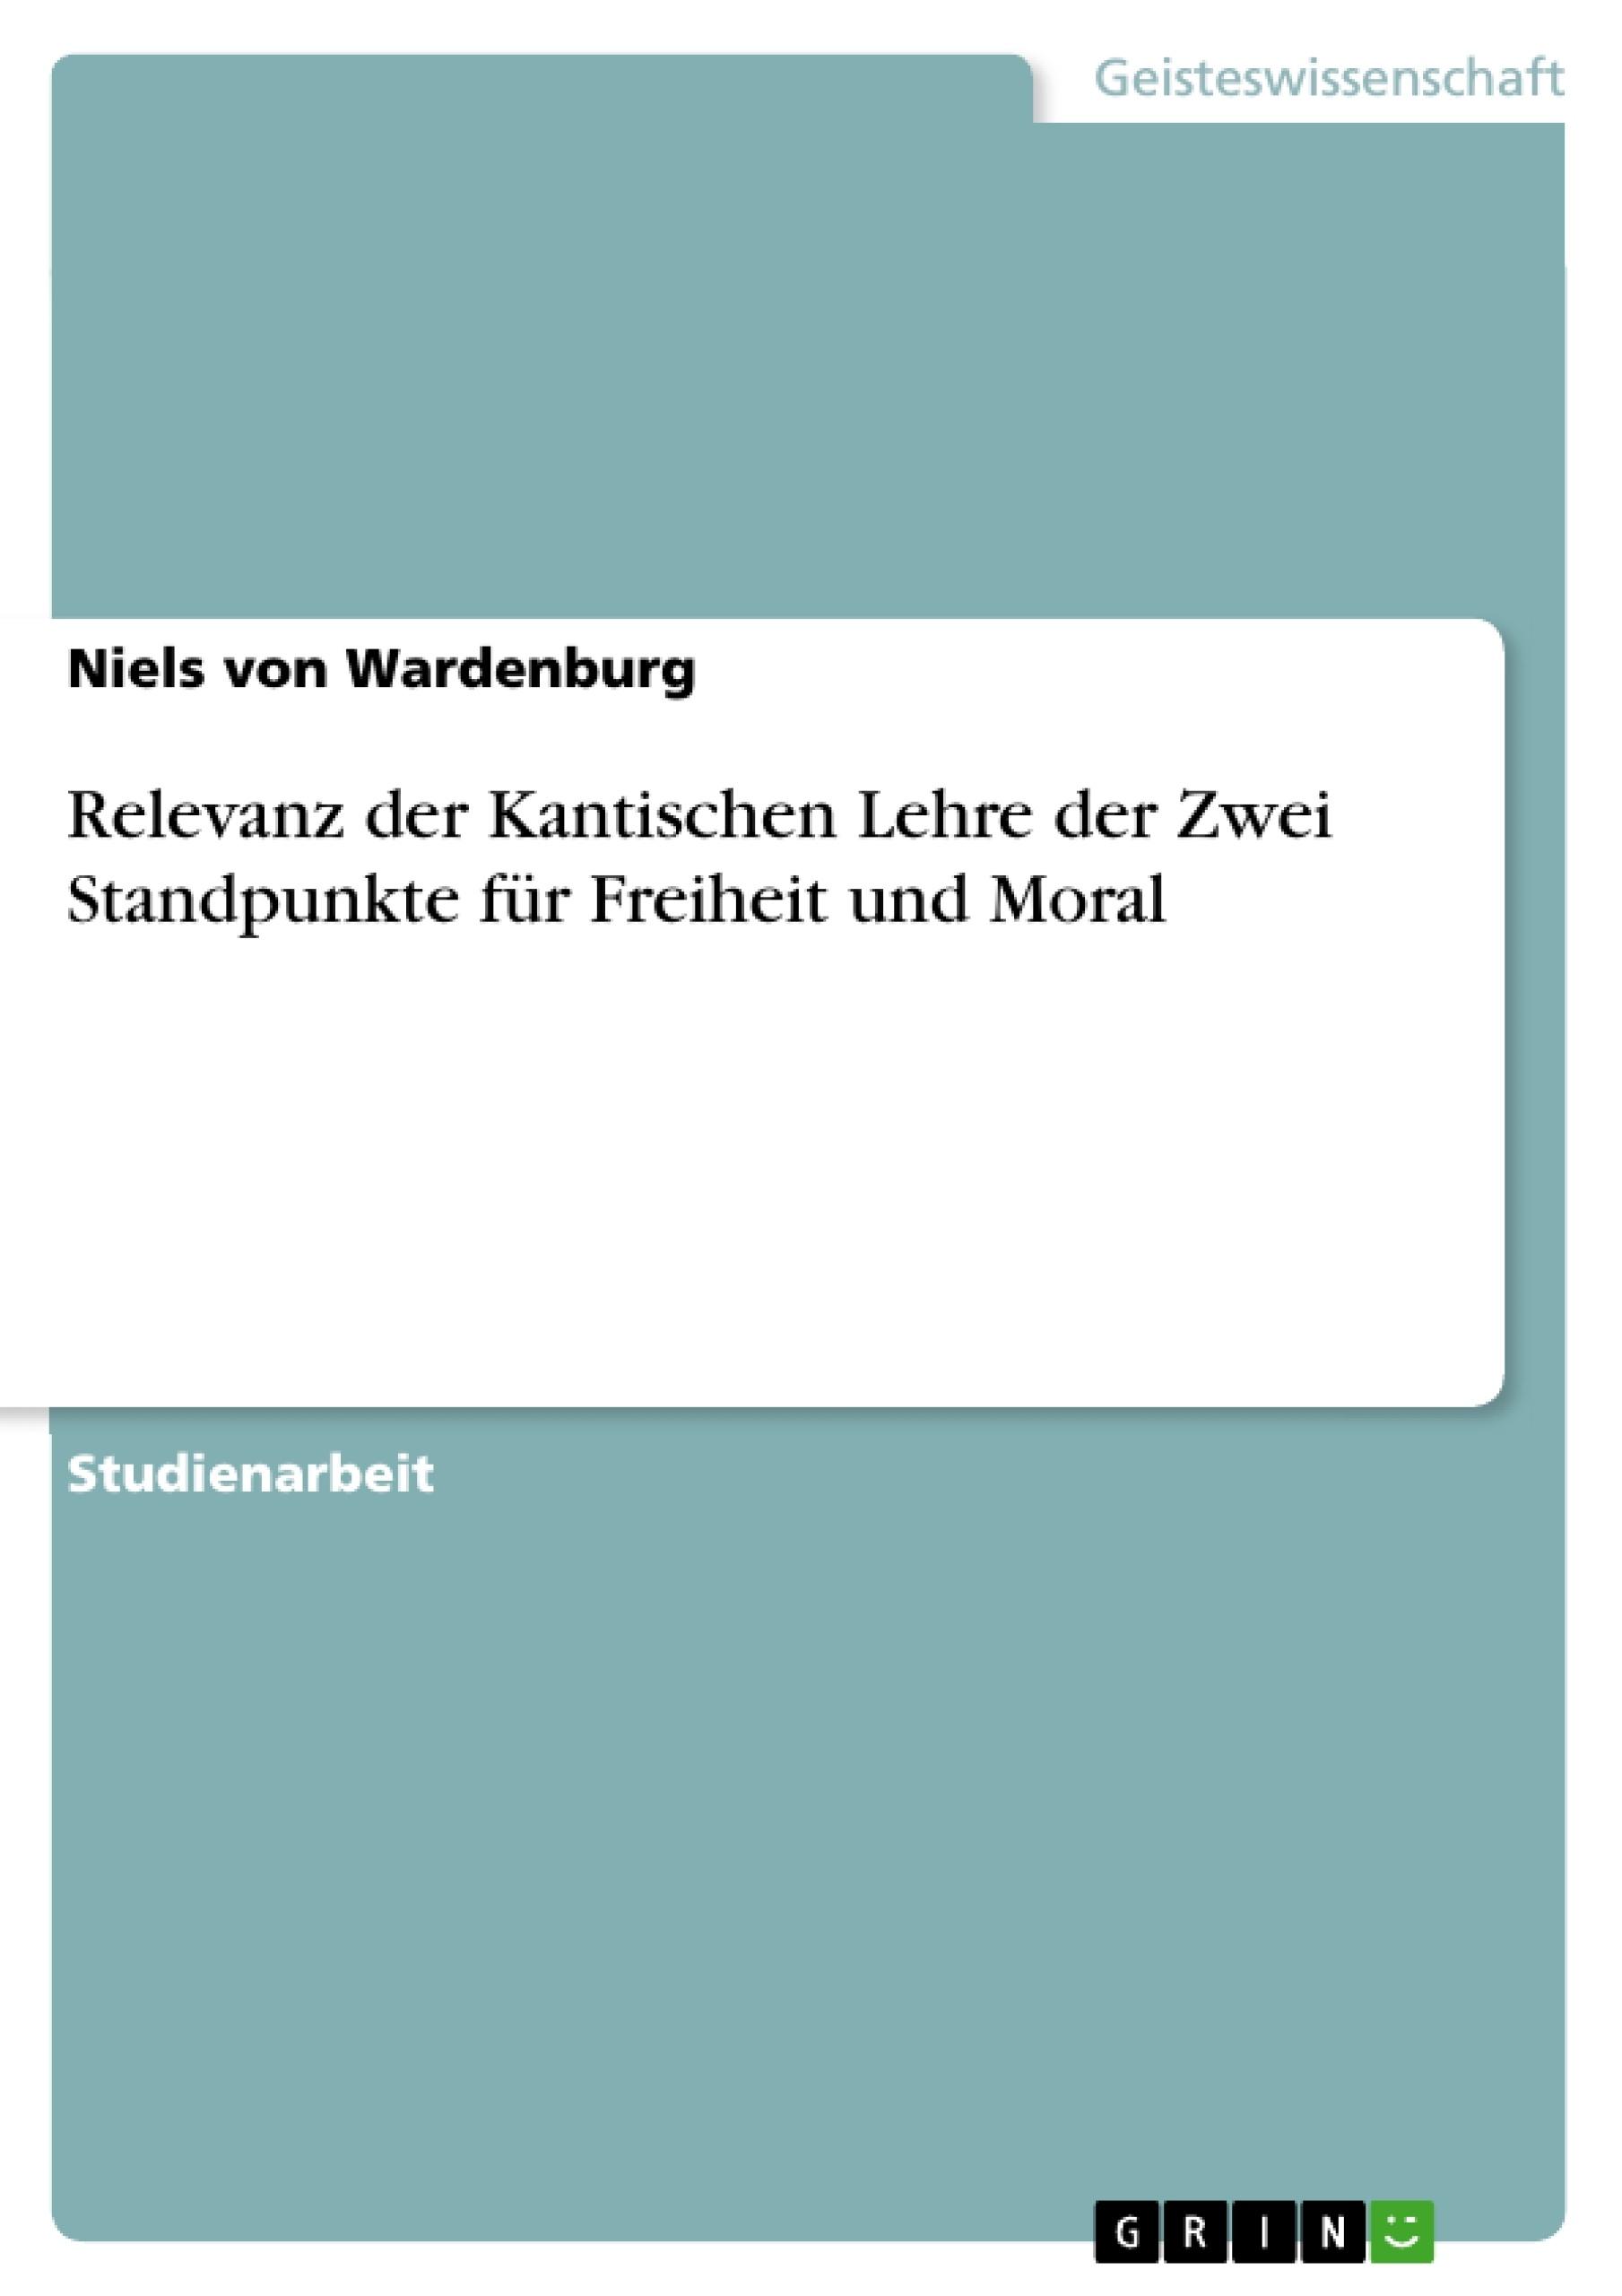 Titel: Relevanz der Kantischen Lehre der Zwei Standpunkte für Freiheit und Moral